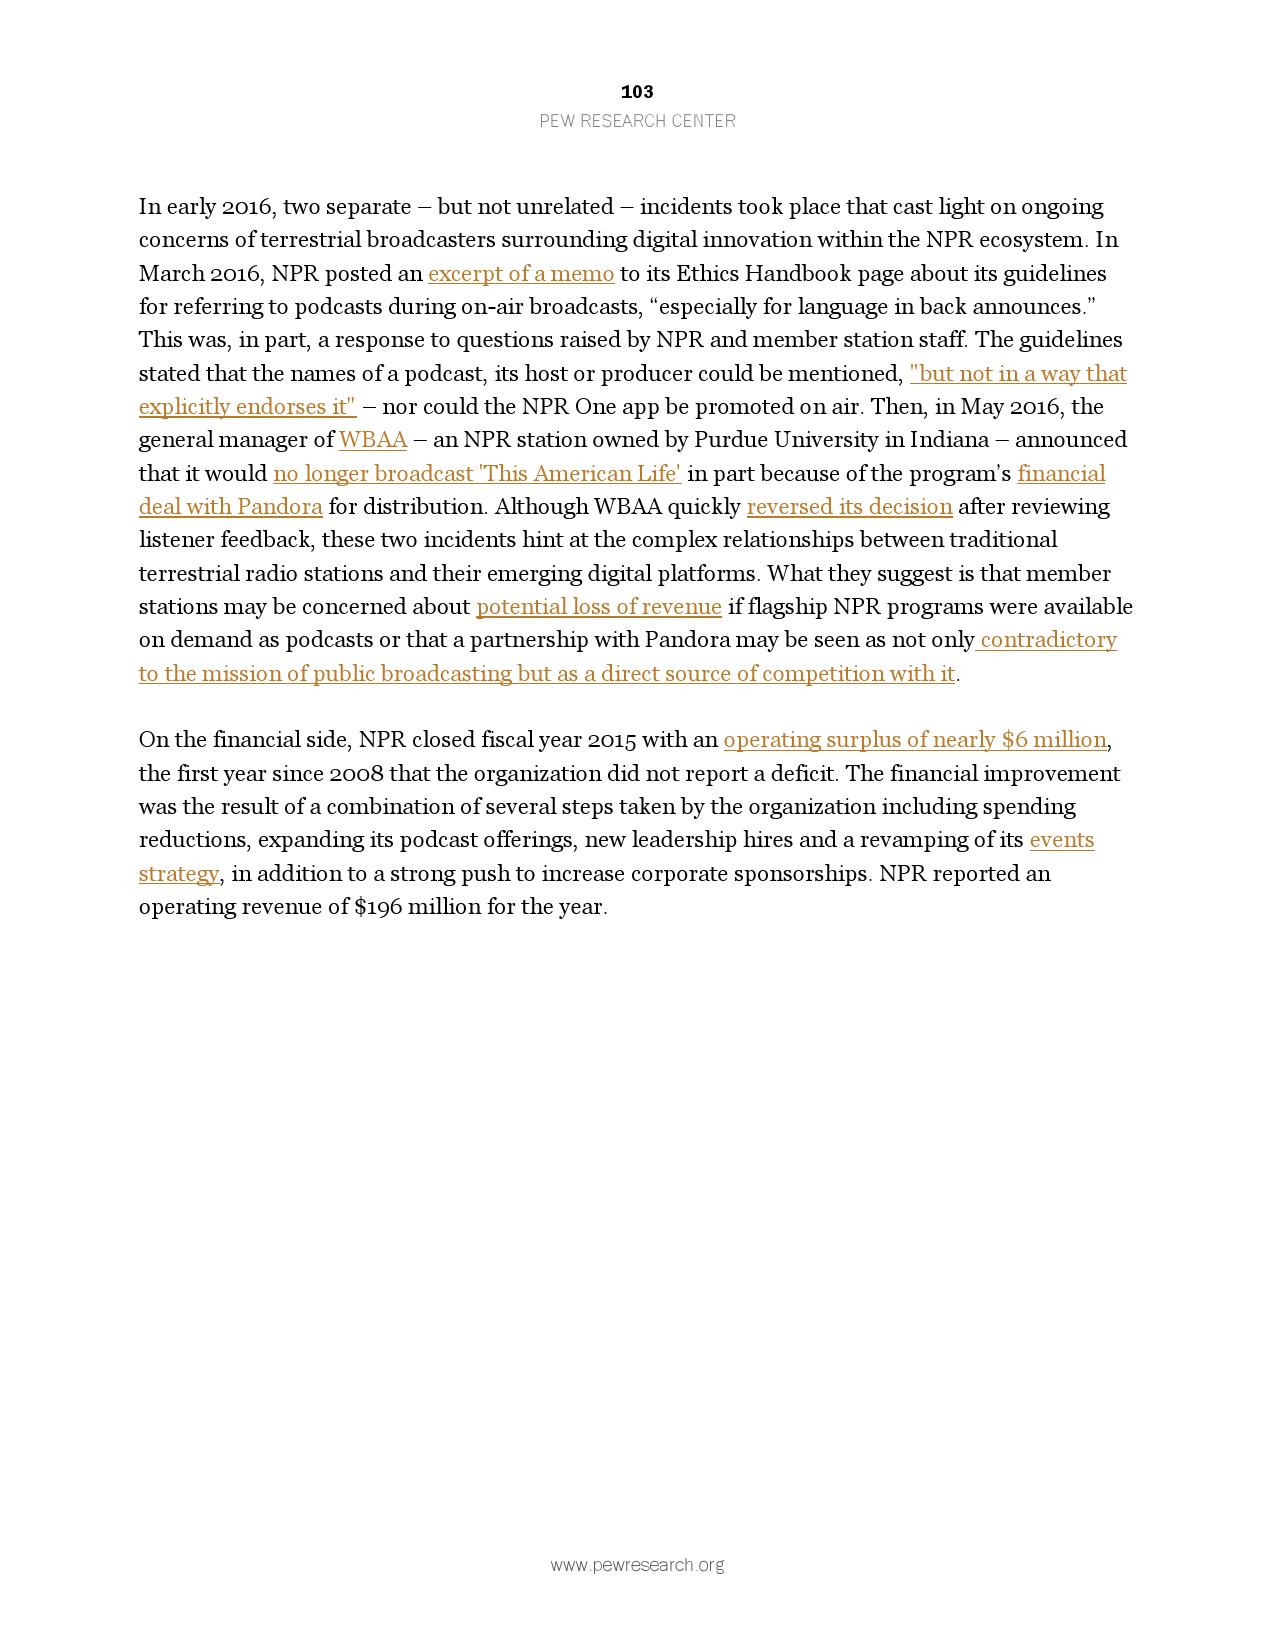 2016美国新媒体研究报告_000103